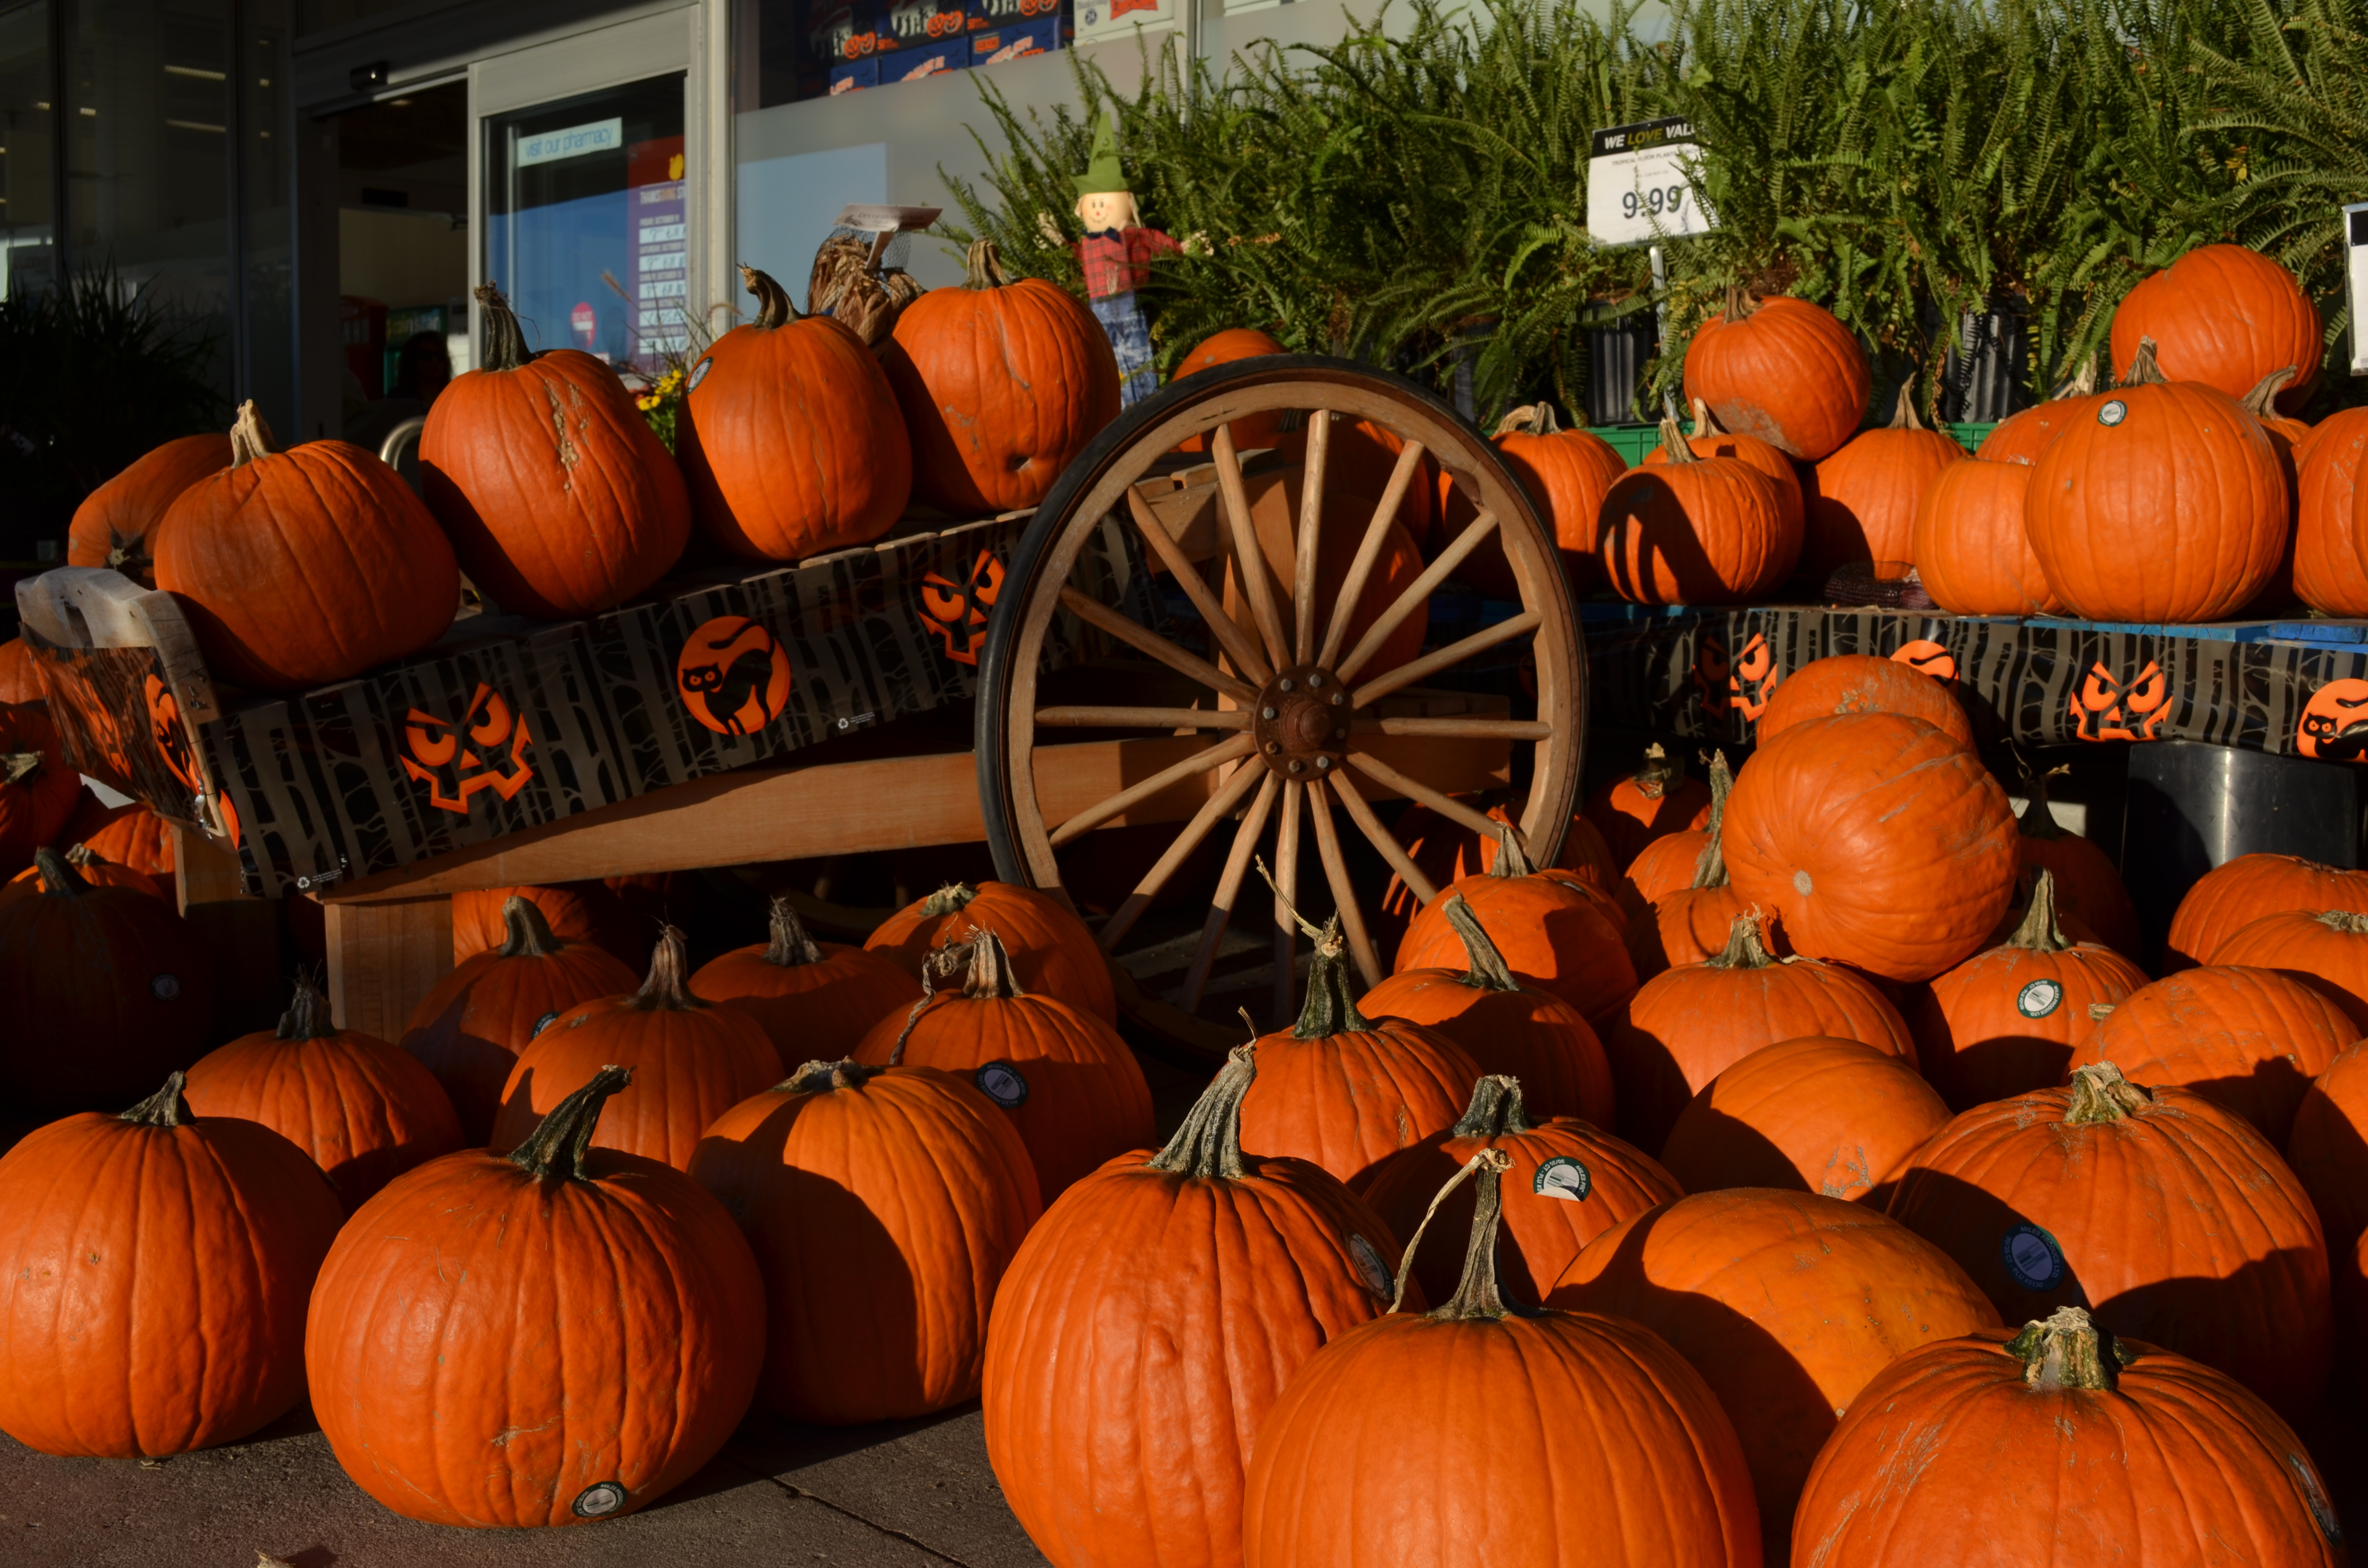 12 120504 fall pumpkin desktop backgrounds pumpkins fall desktop backgrounds